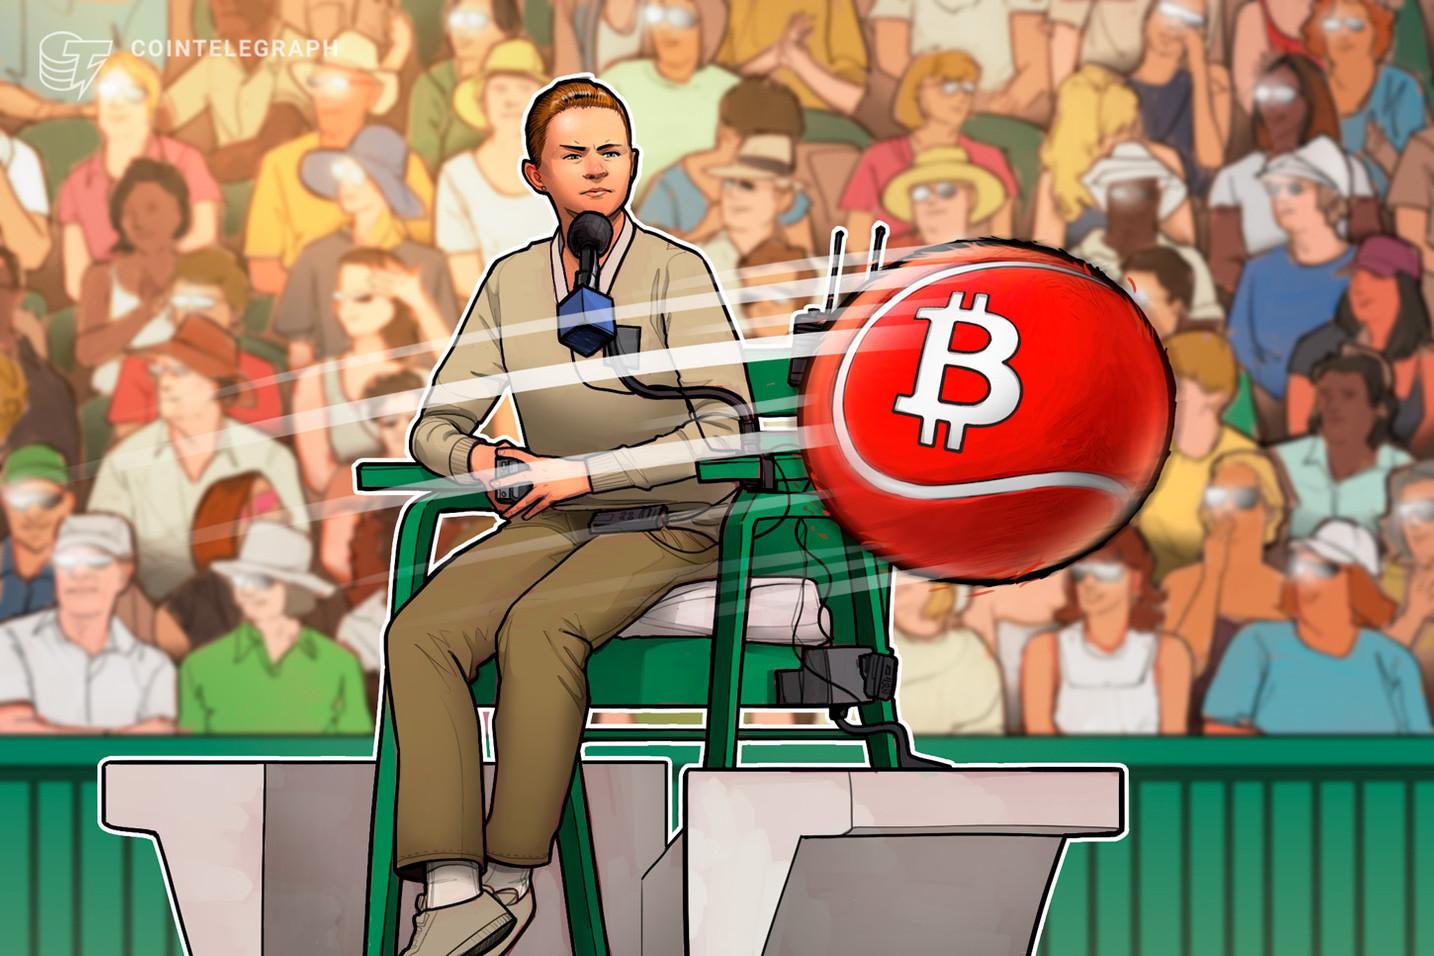 """Los analistas dicen que el comportamiento errático del precio de Bitcoin es """"típico de los mercados de baja liquidez"""""""